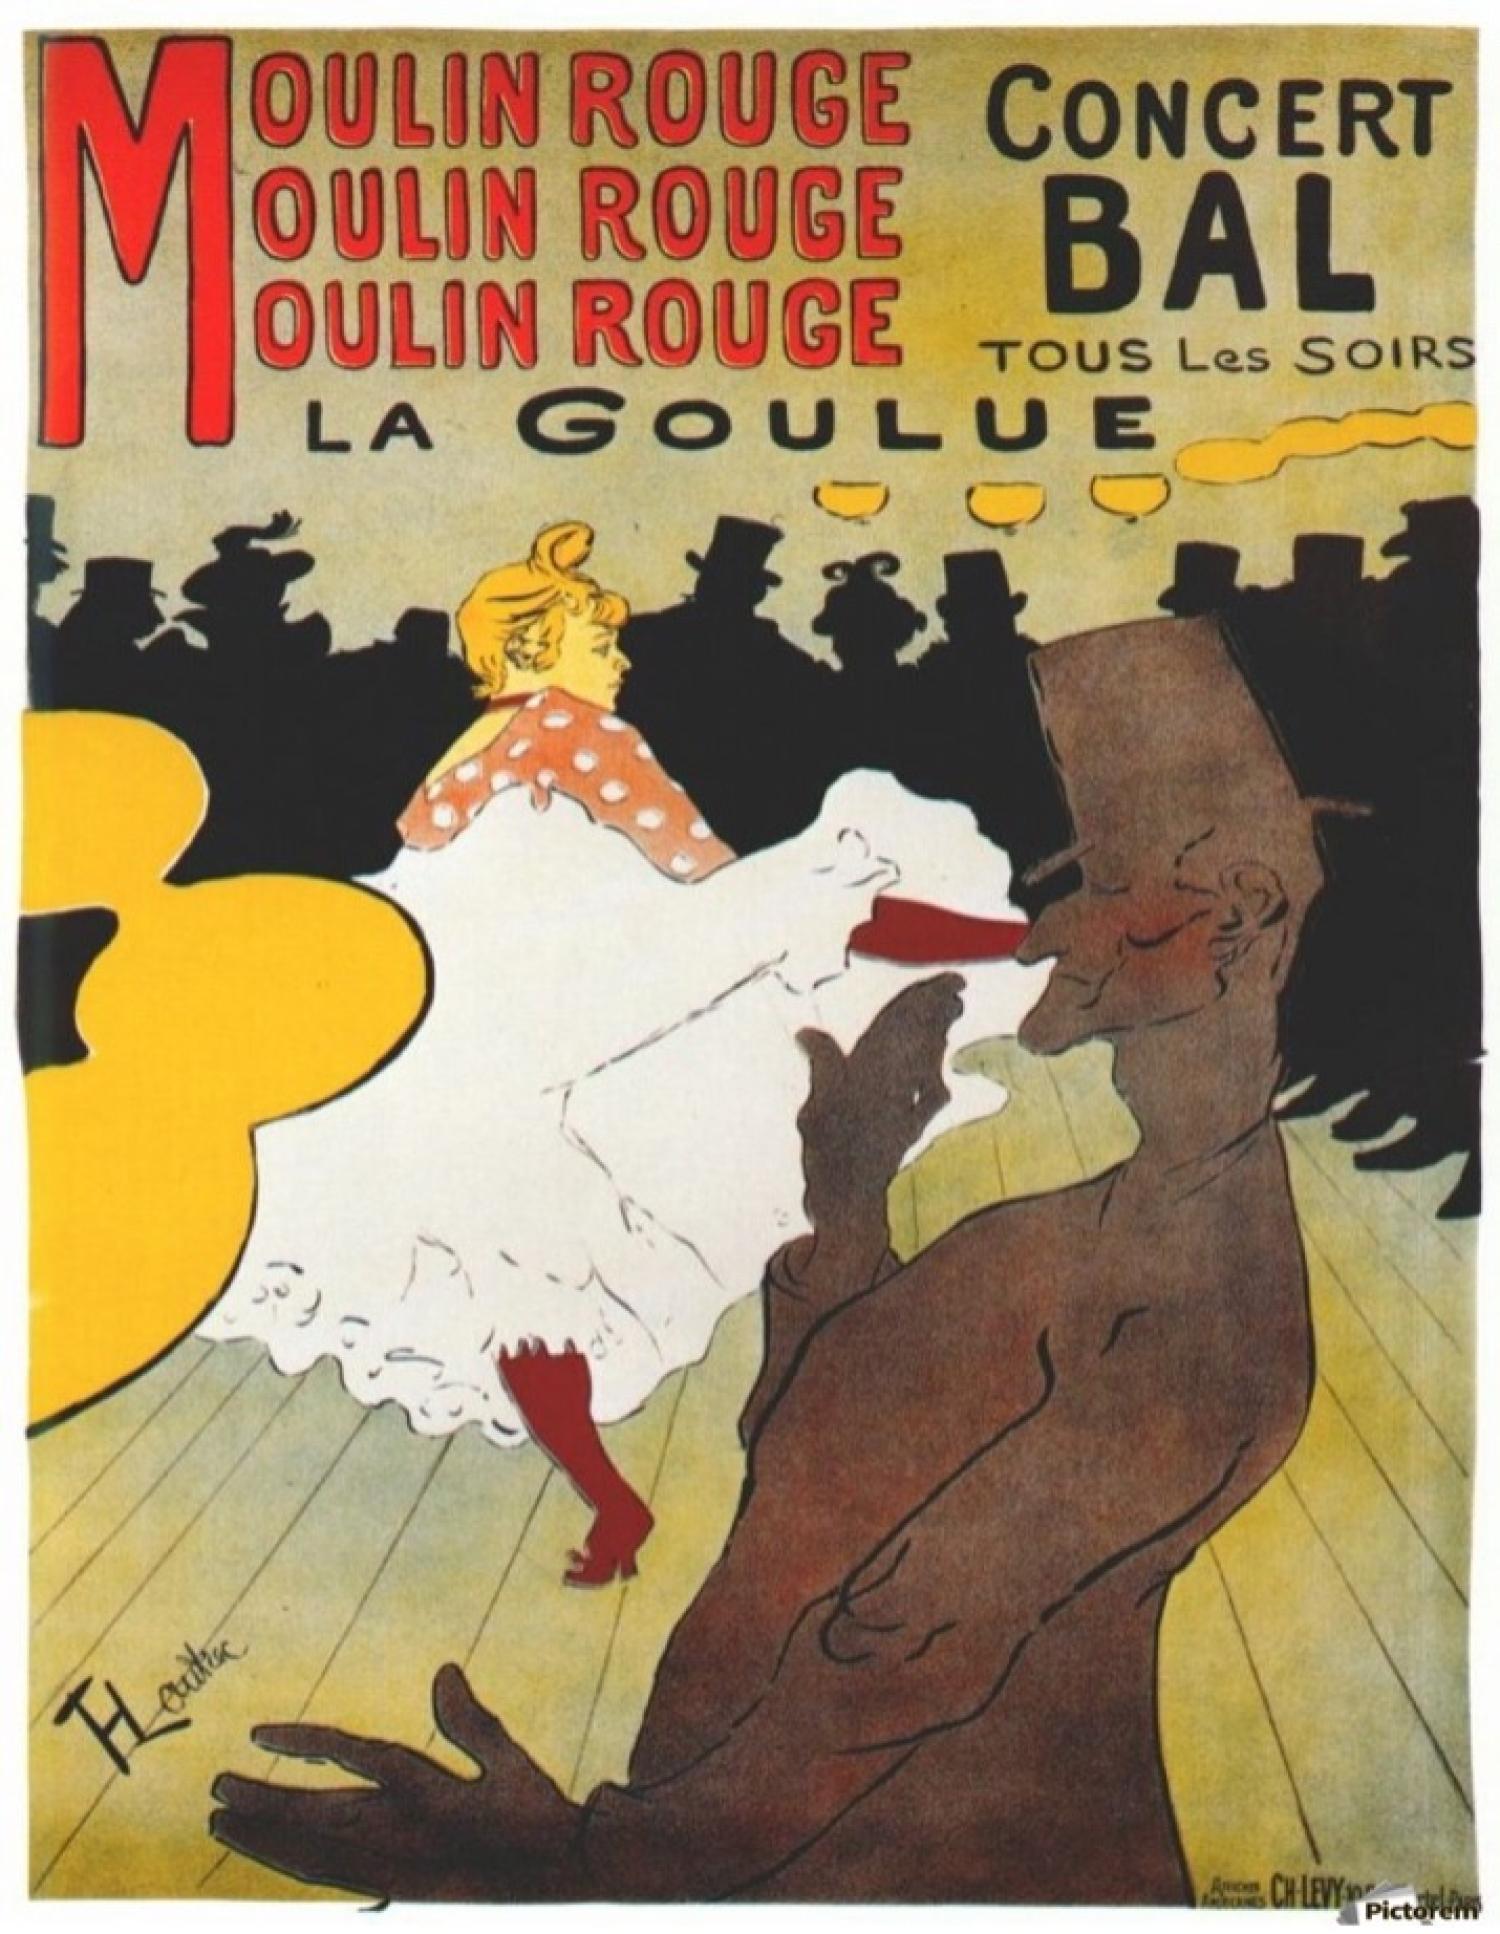 postcard illustration of moulin rouge